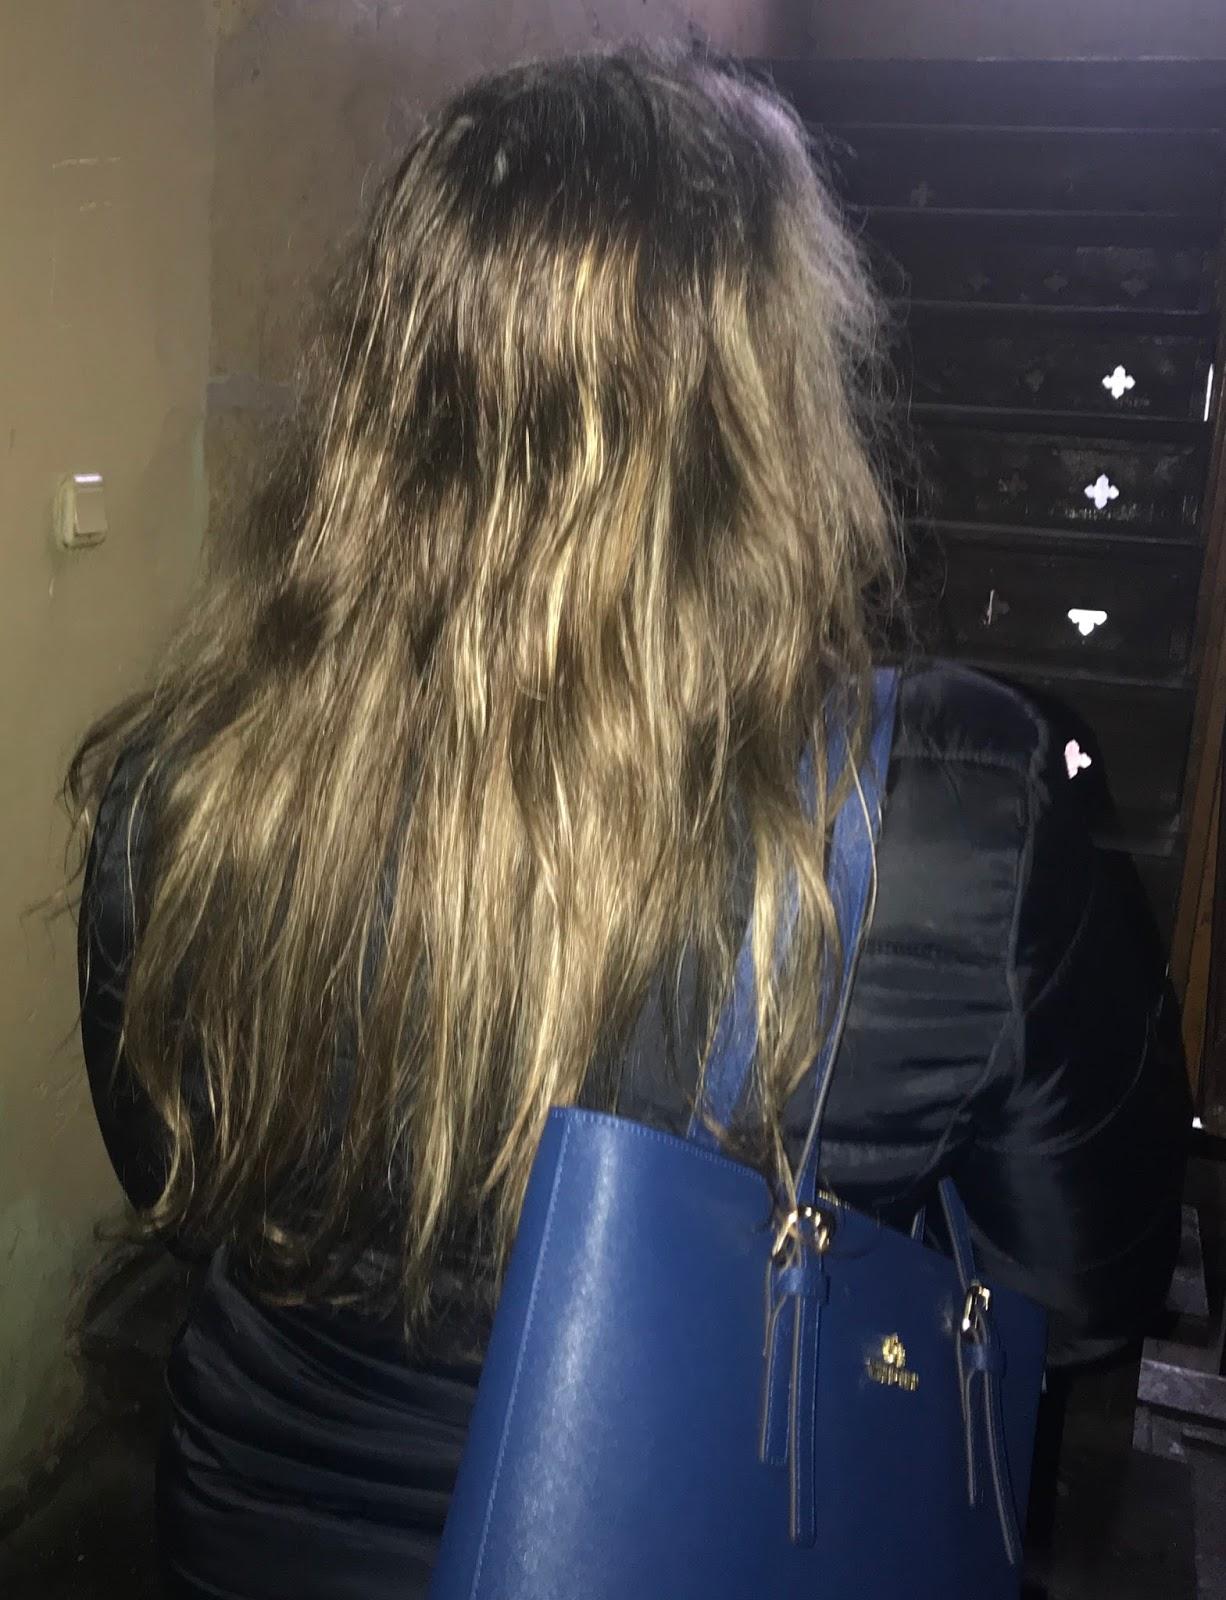 Piekna przed switami-  zimowa pielęgnacja włosów/  Mój sposob na elektryzujace włosy